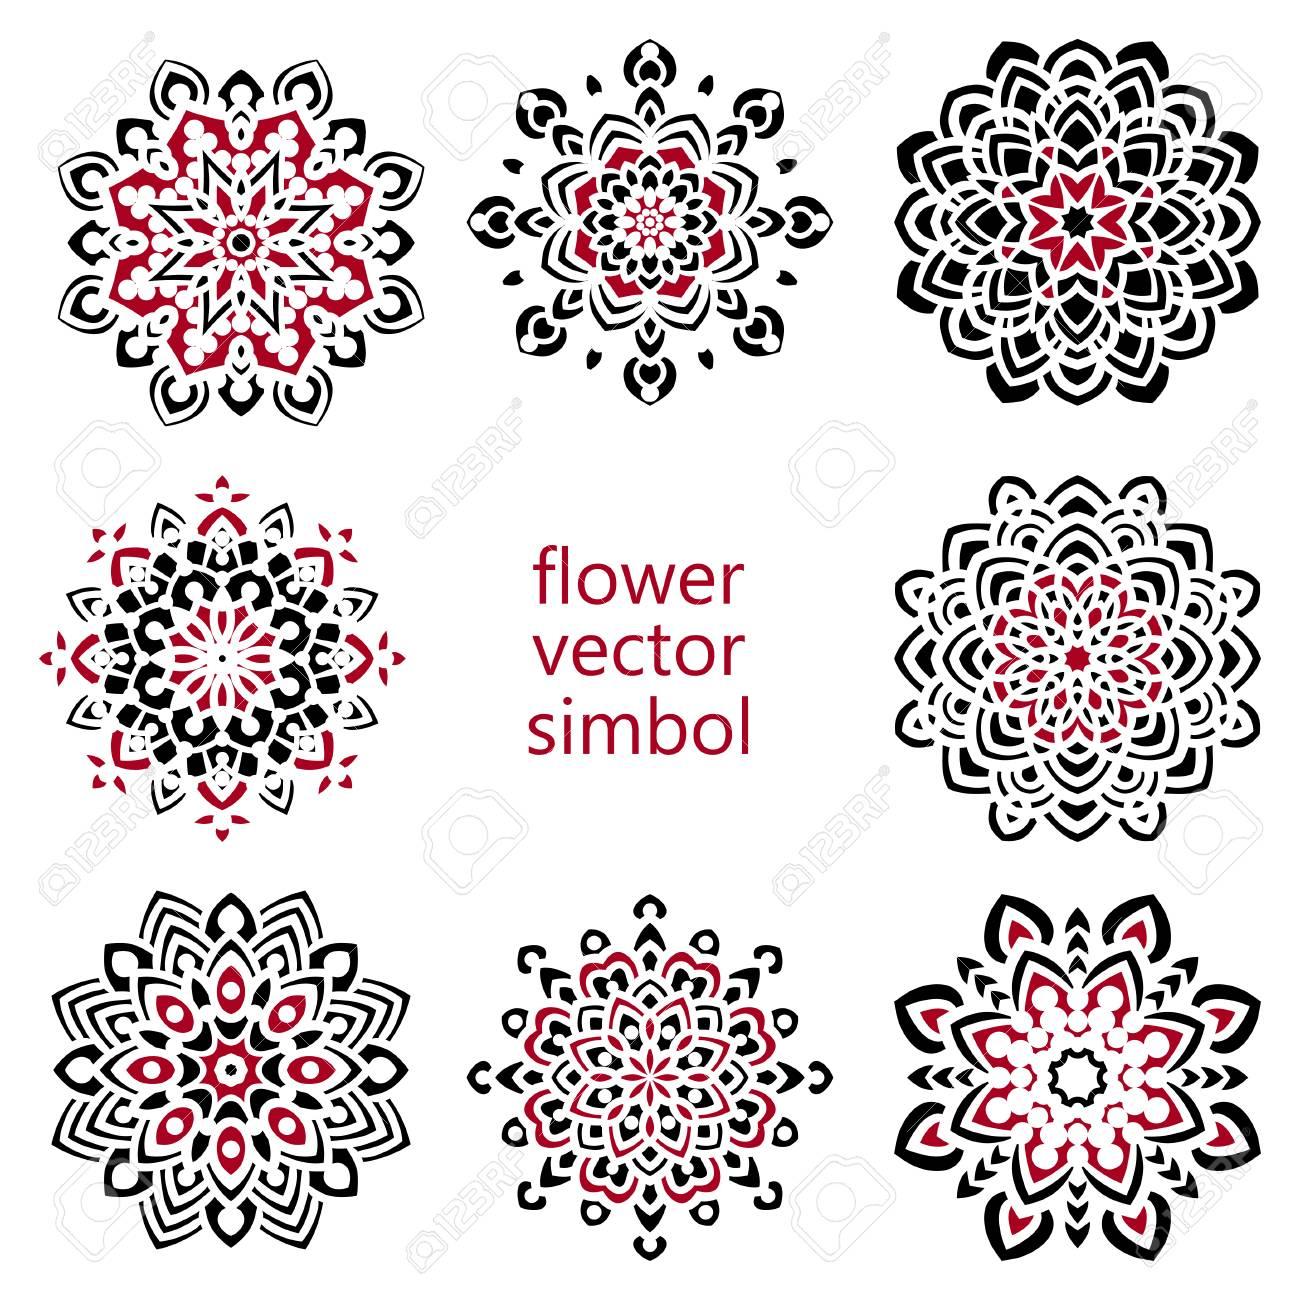 Ensemble De Dessin éléments Zentangle Main Noir Et Blanc Mandala Fleur Vector Illustration Le Meilleur Pour Votre Conception Textiles Affiches